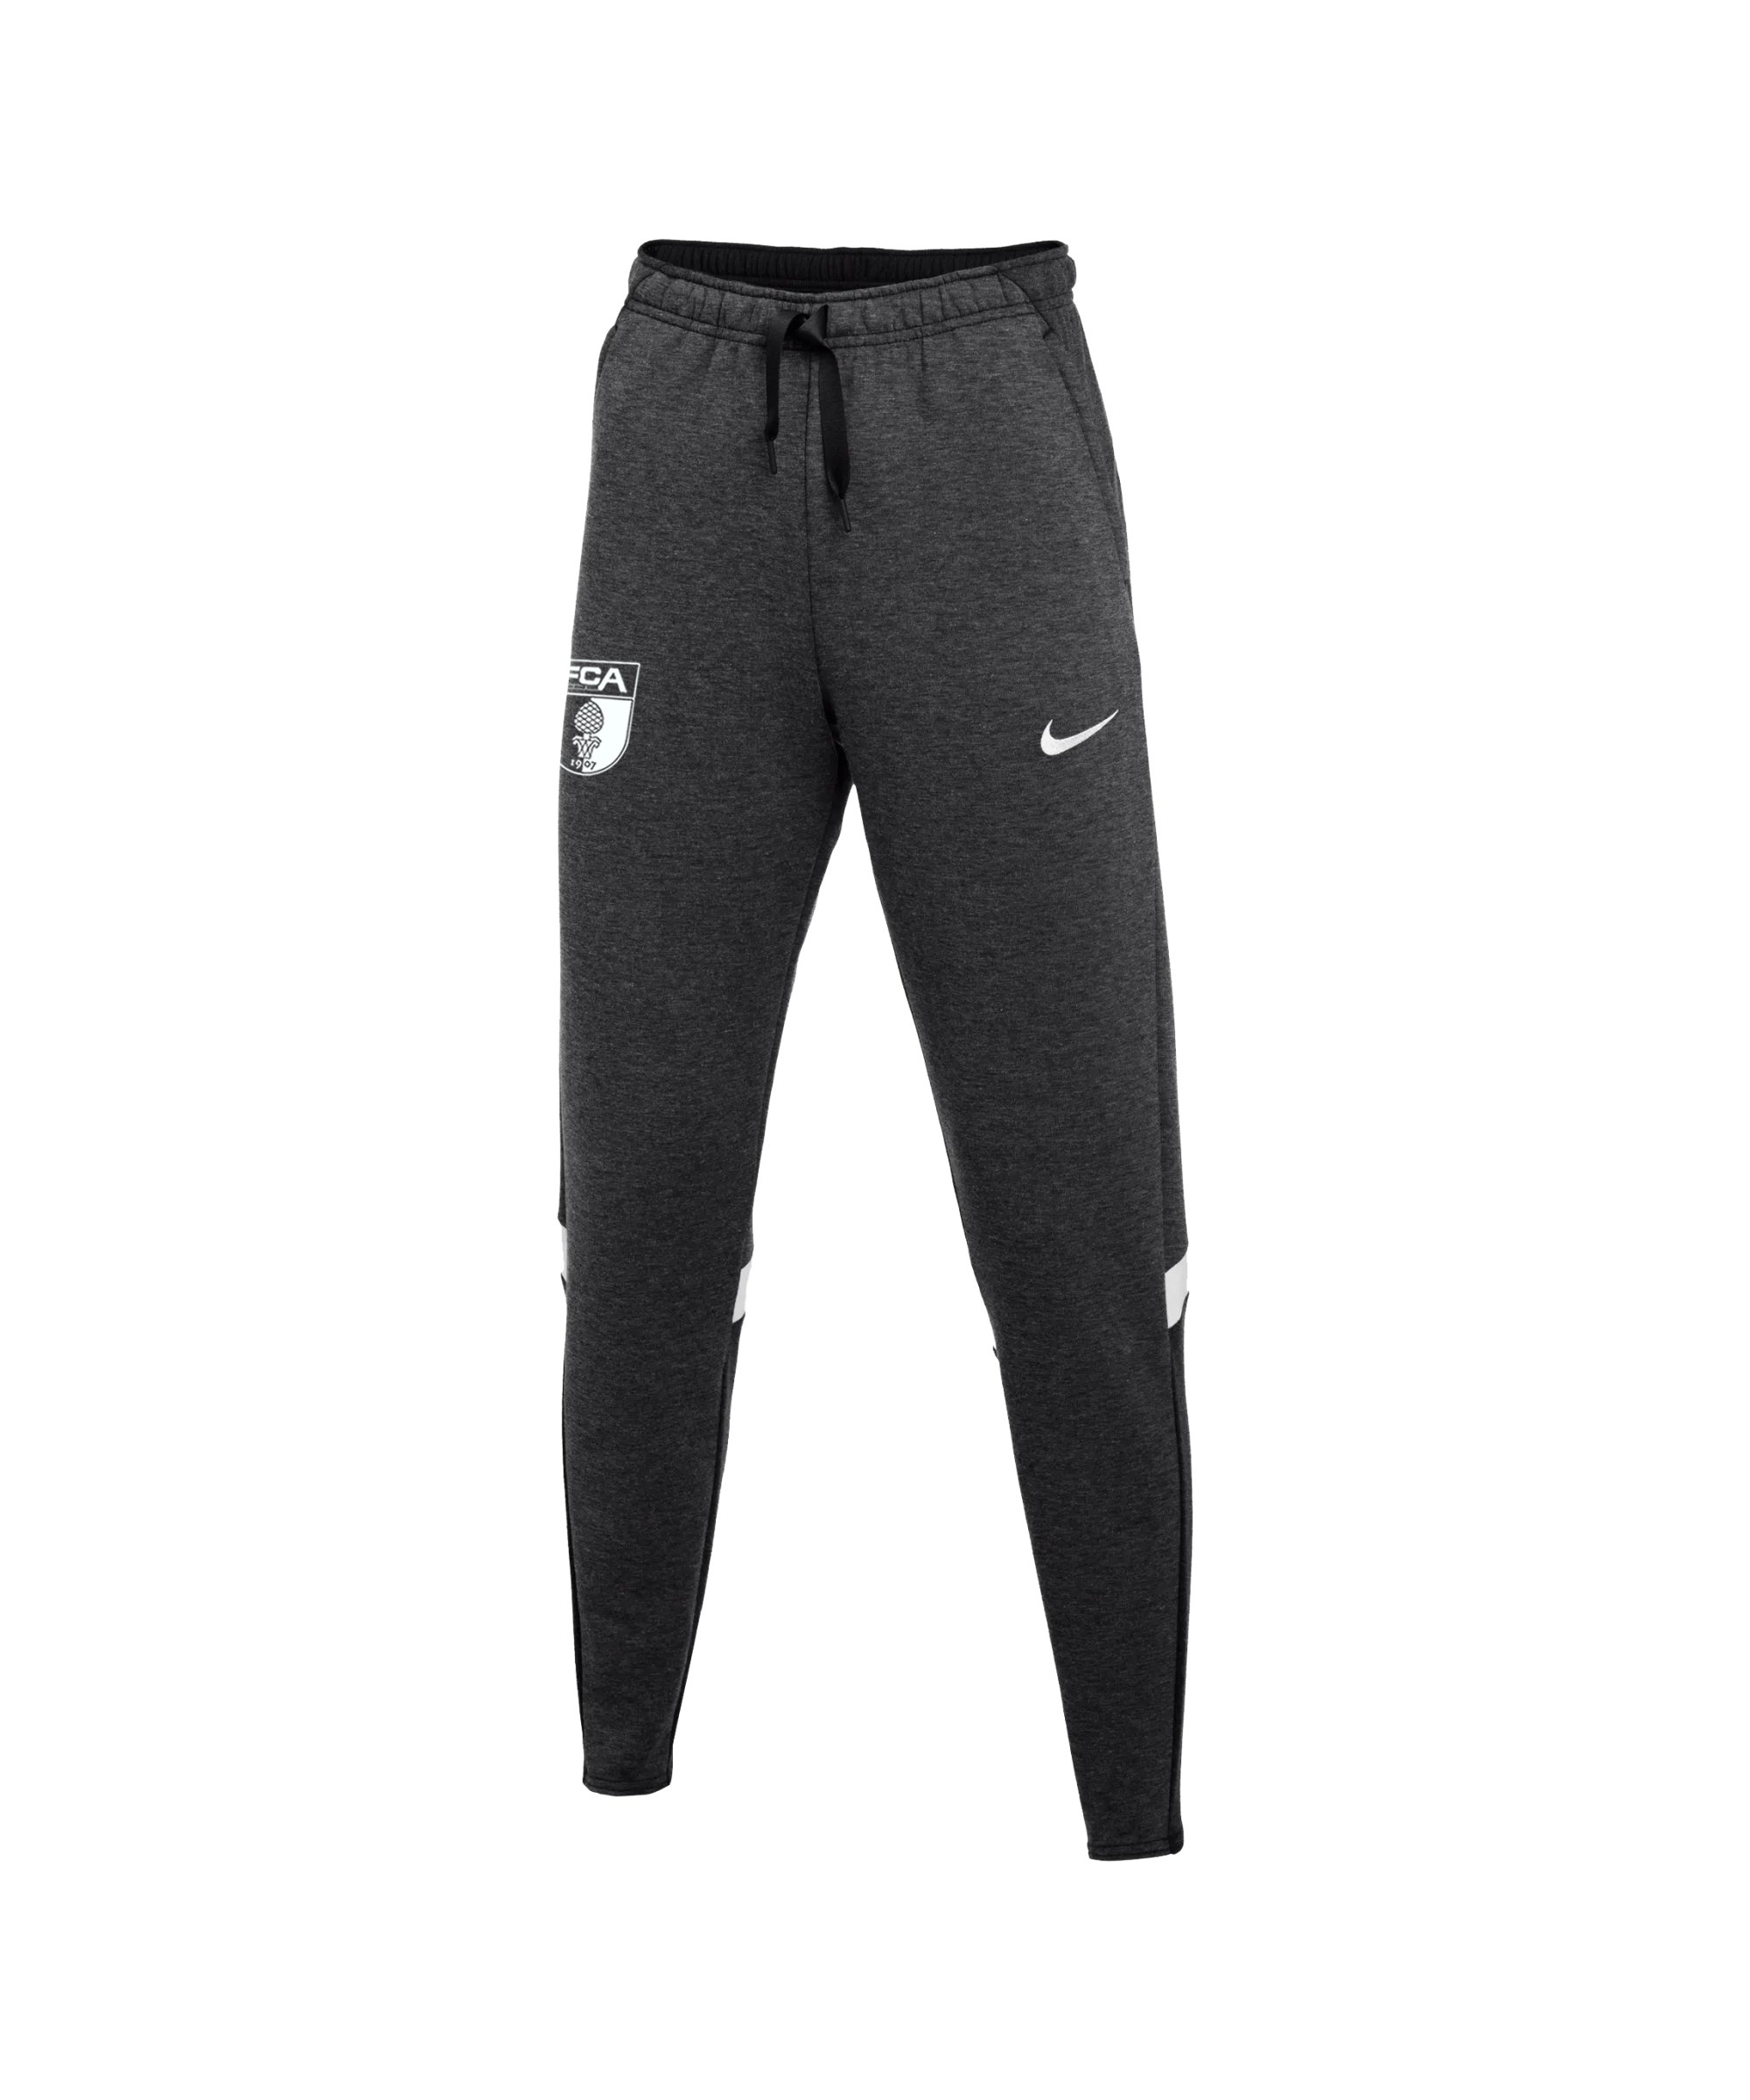 Nike FC Augsburg Fleece Trainingshose Grau F011 - grau